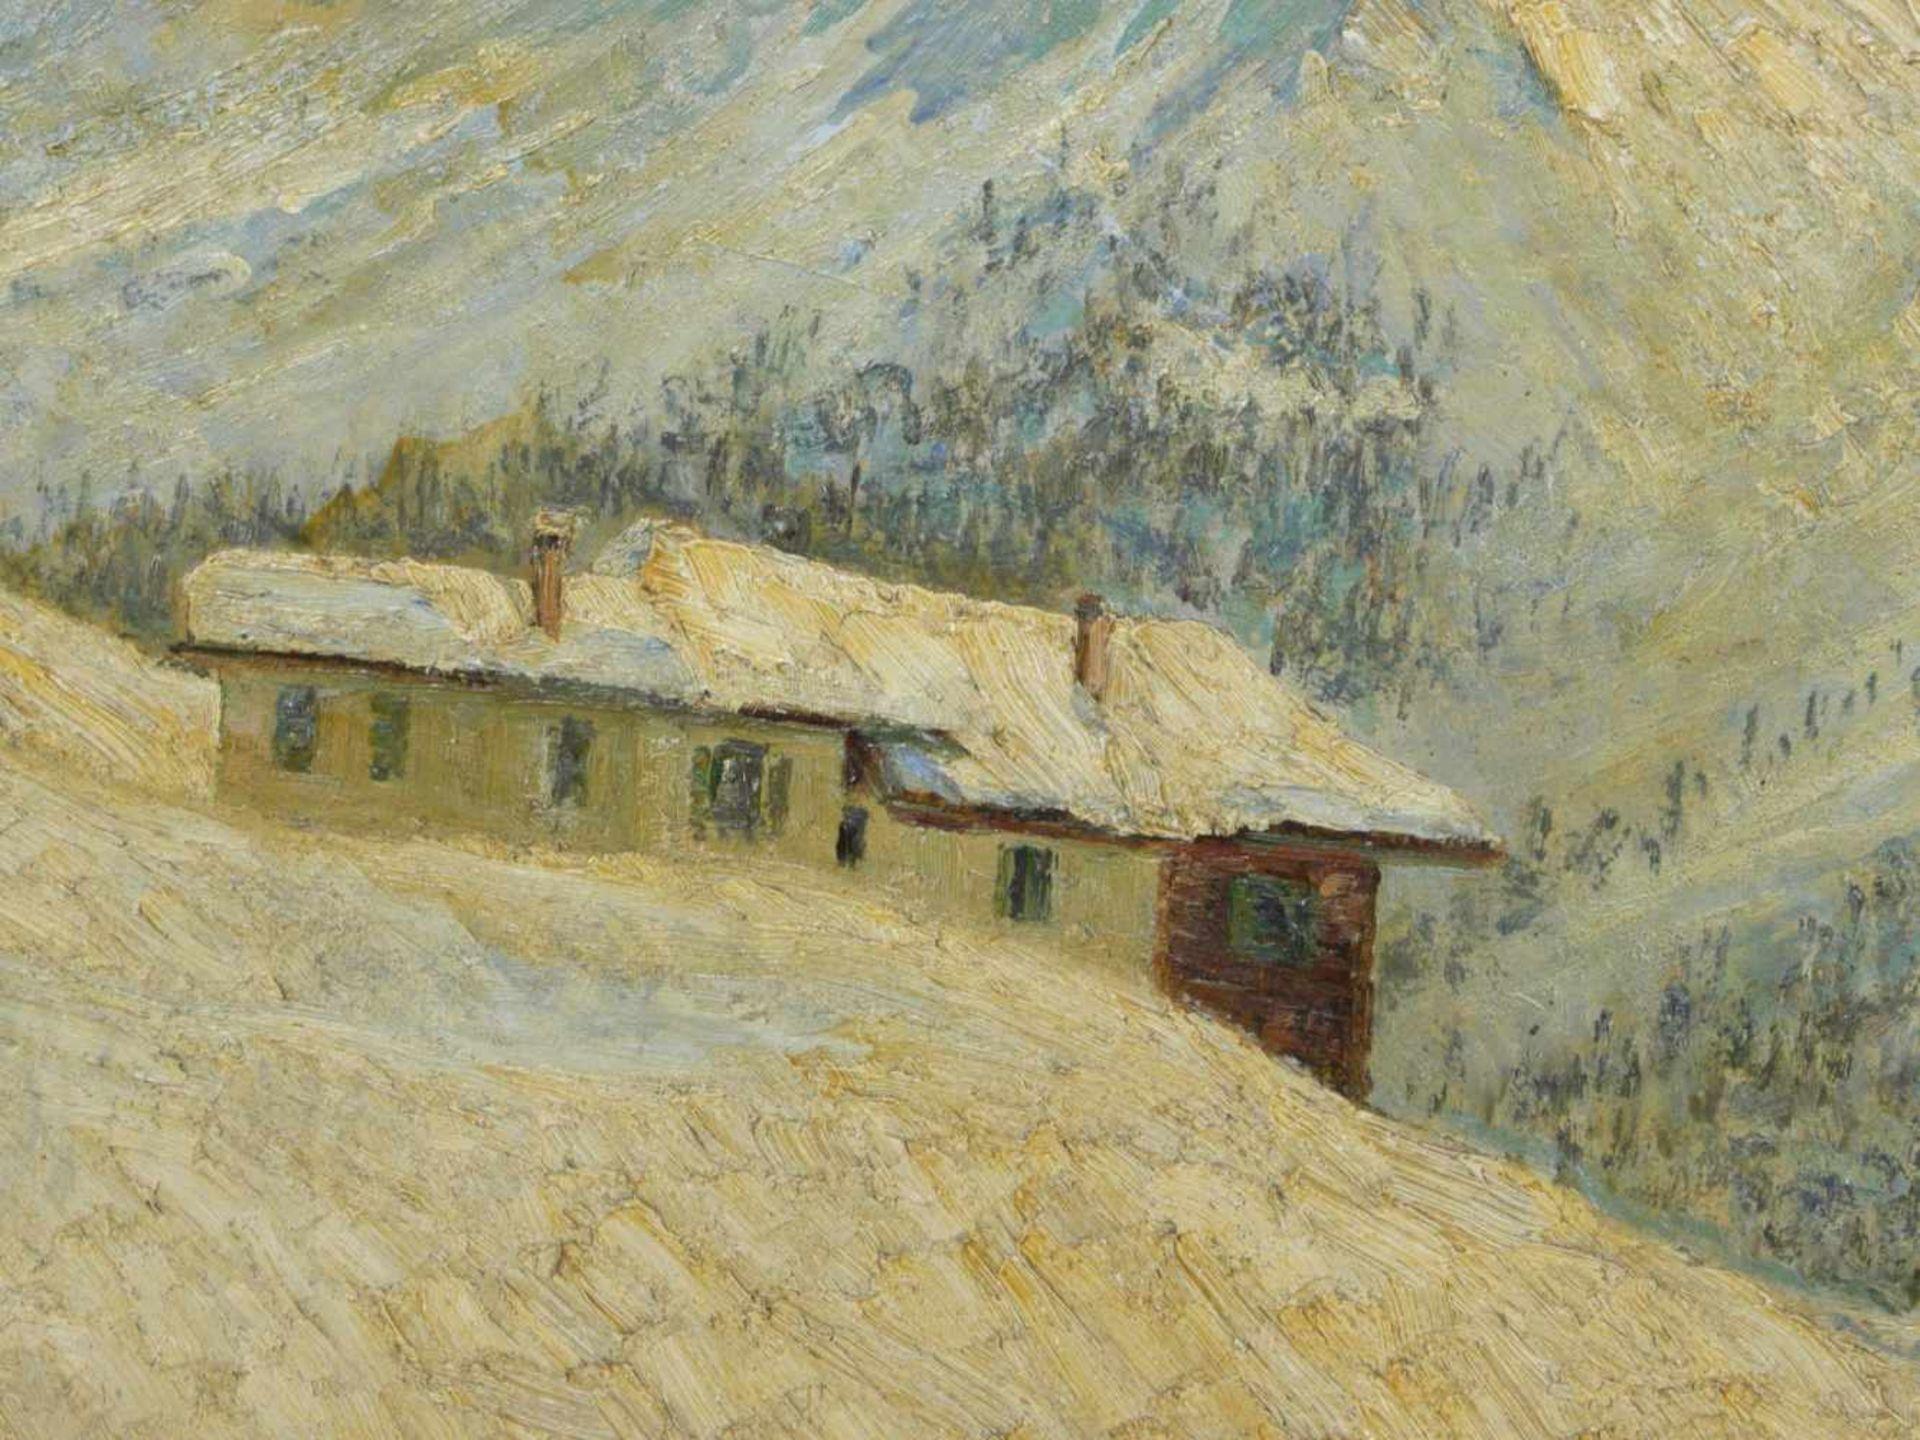 Koch, Michel (1853-1927) - Winterlandschaft Arosa 1915Winterliche Gebirgslandschaft mit idyllisch - Bild 3 aus 6